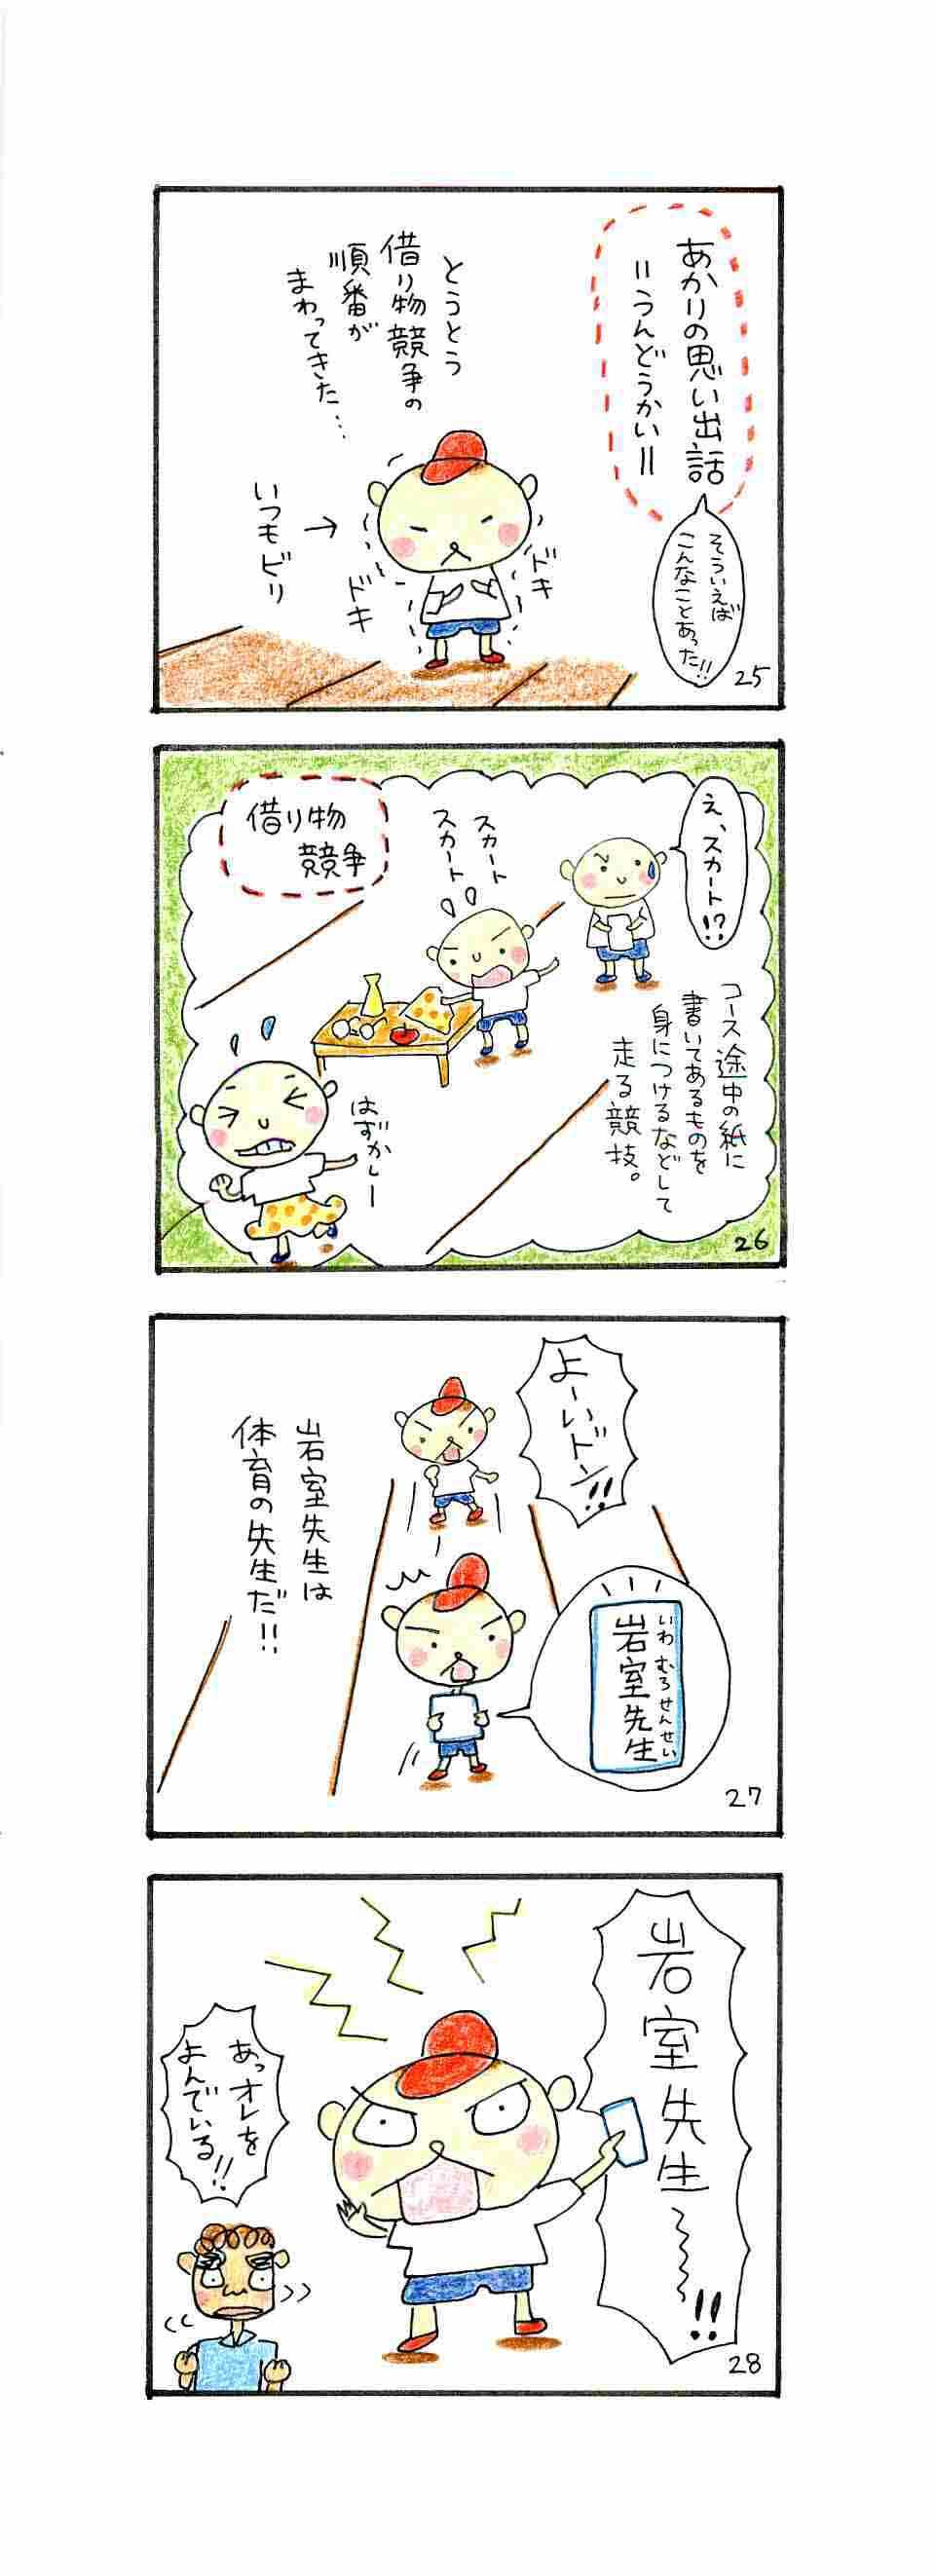 観音様p25-p28